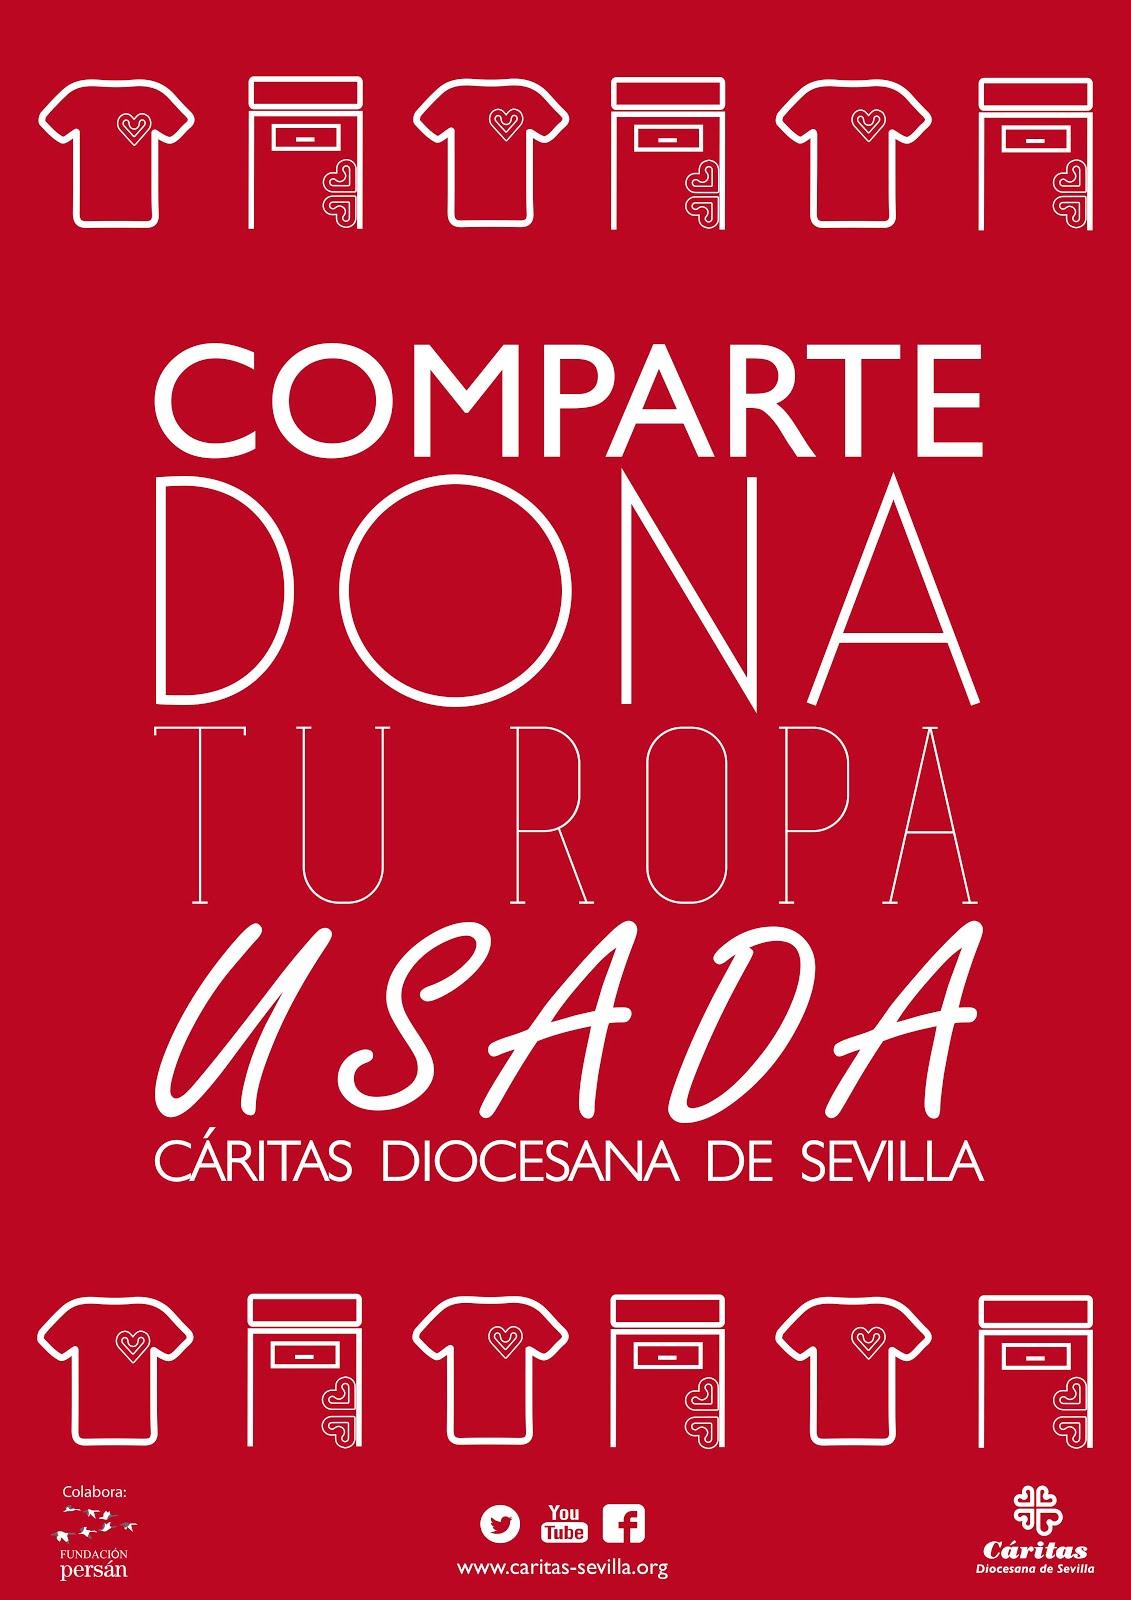 COMPARTE, DONA TU ROPA USADA